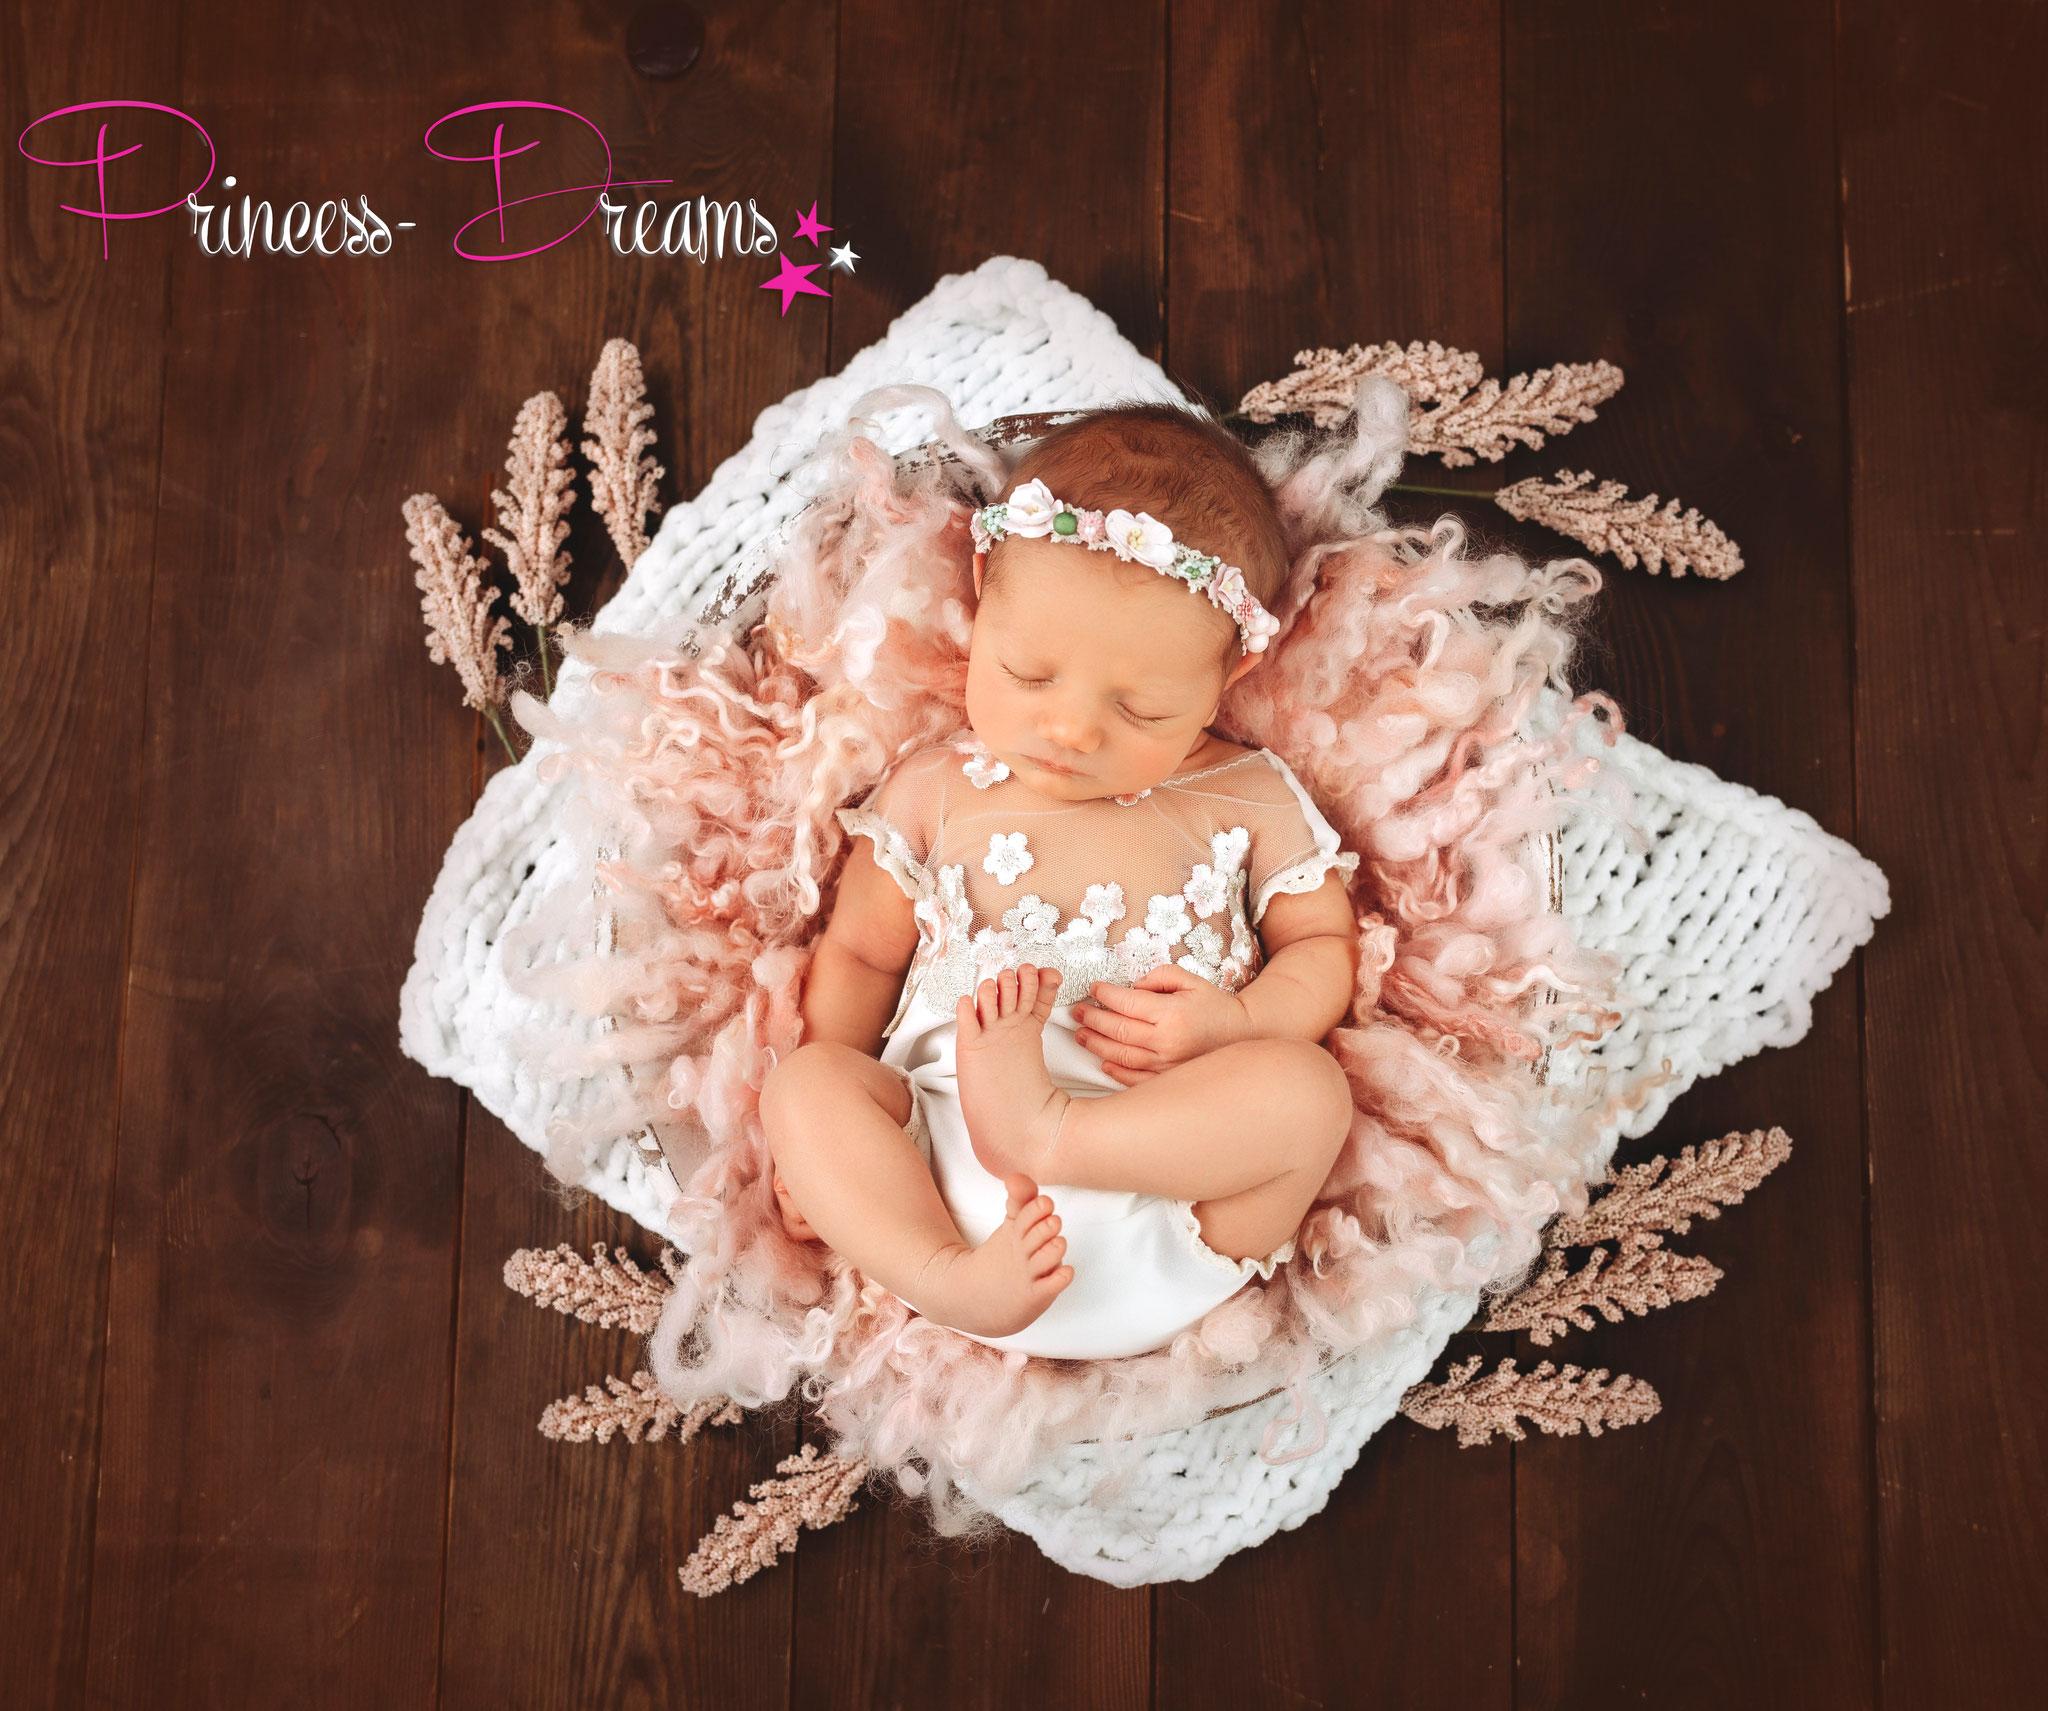 Baby Newborn Blütenkranz Babyfotografie Haarband Fotoshooting Baby Mädchen Haarschmuck Haarband Prop Blumenschmuck Blumen Blüten Kranz Taufe